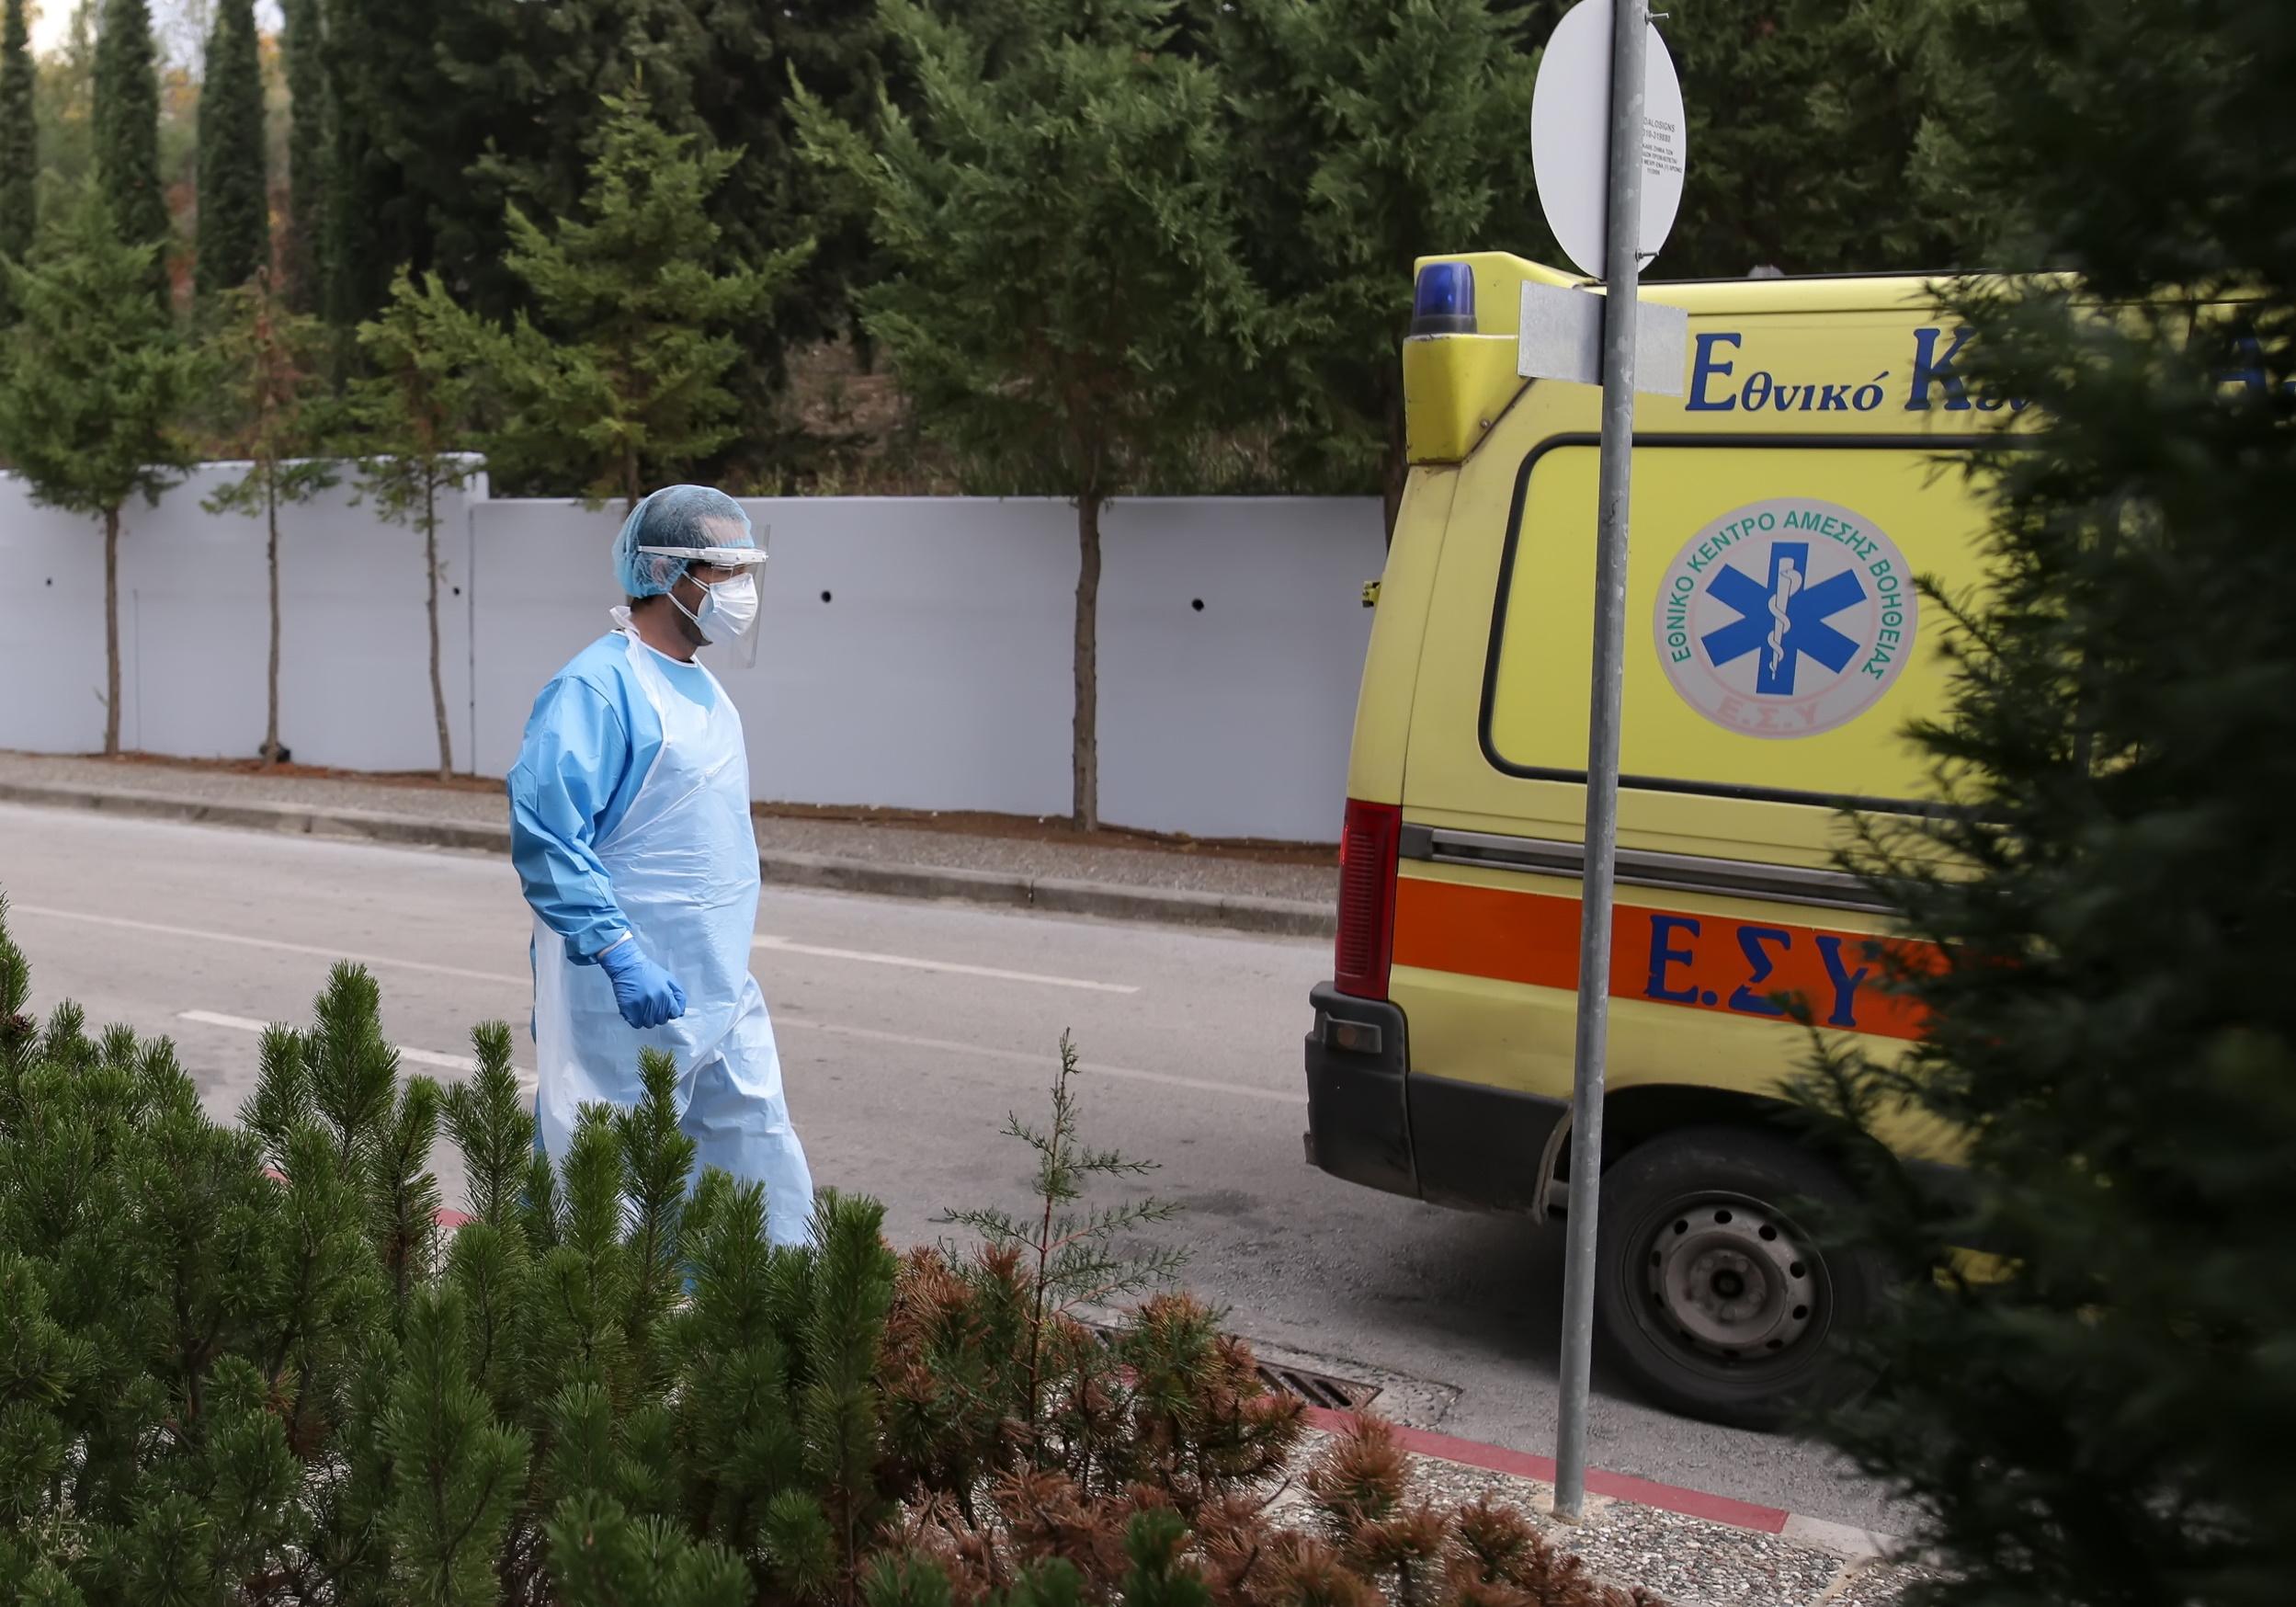 Αγωνία για μωρό στη Θεσσαλονίκη που κατάπιε κάτι και του «έκοψε» την αναπνοή